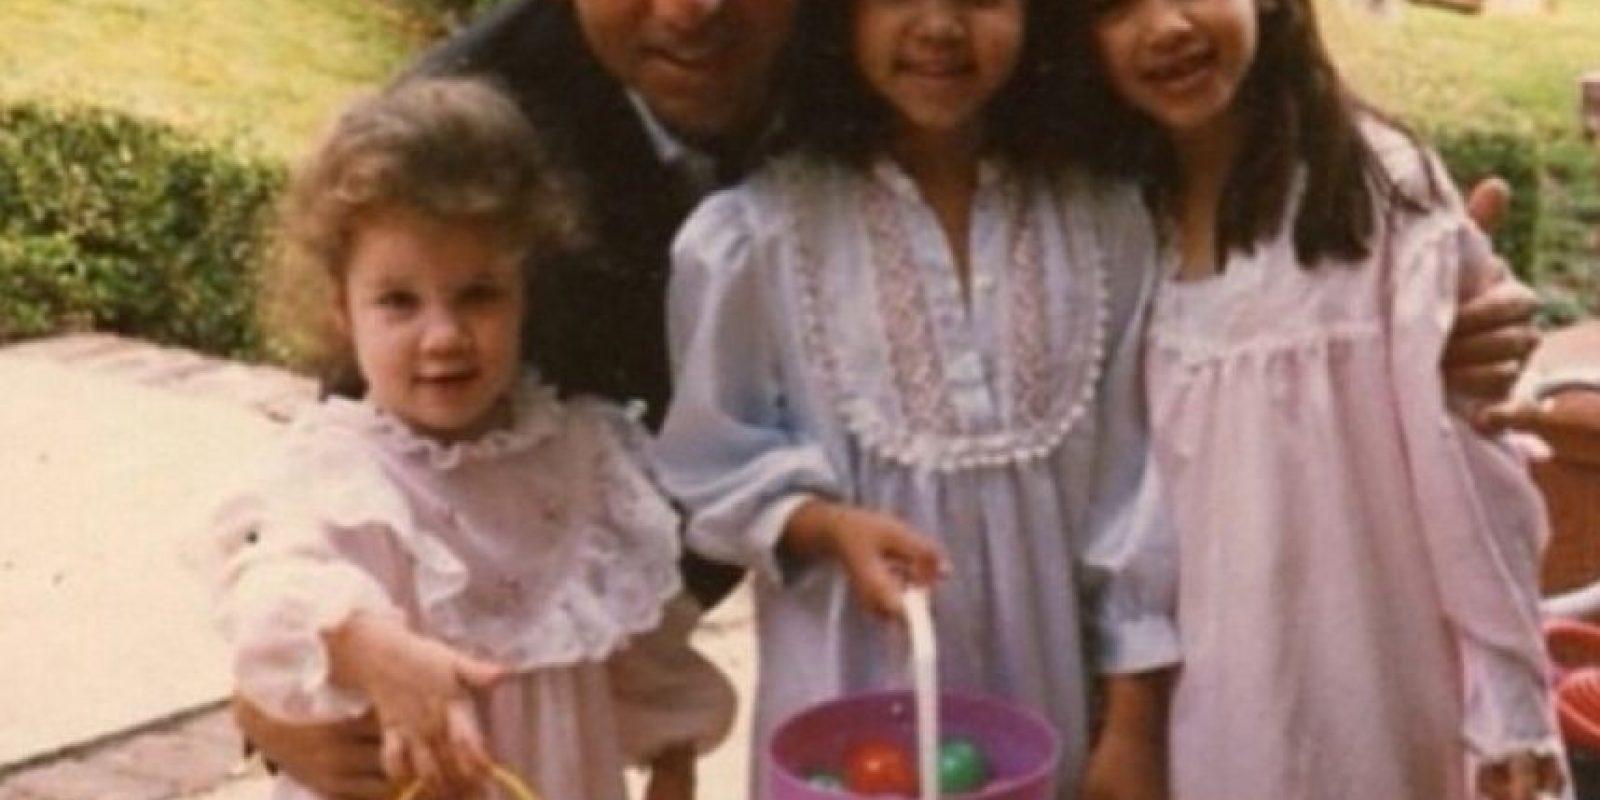 Kim Kardashian compartió esta imagen de un día de pascua con sus hermanas cuando eran pequeñas y su padre, el fallecido abogado Robert Kardashian. Foto:Vía Instagram @KimKardashian